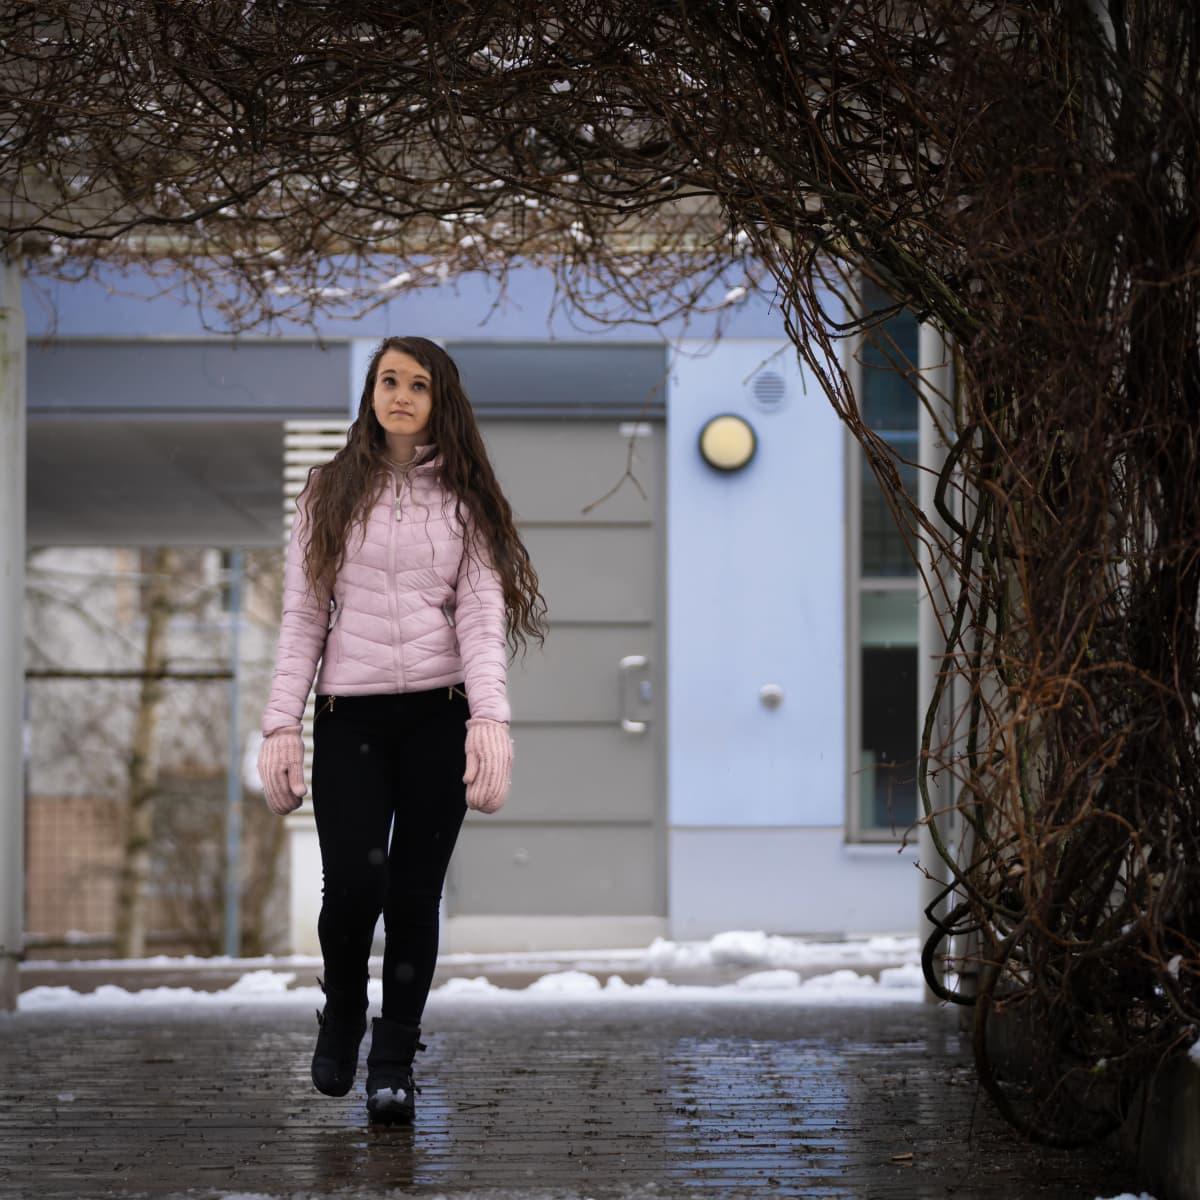 Opiskelija Janika Angelsola kävelee kerrostalon pihalla.